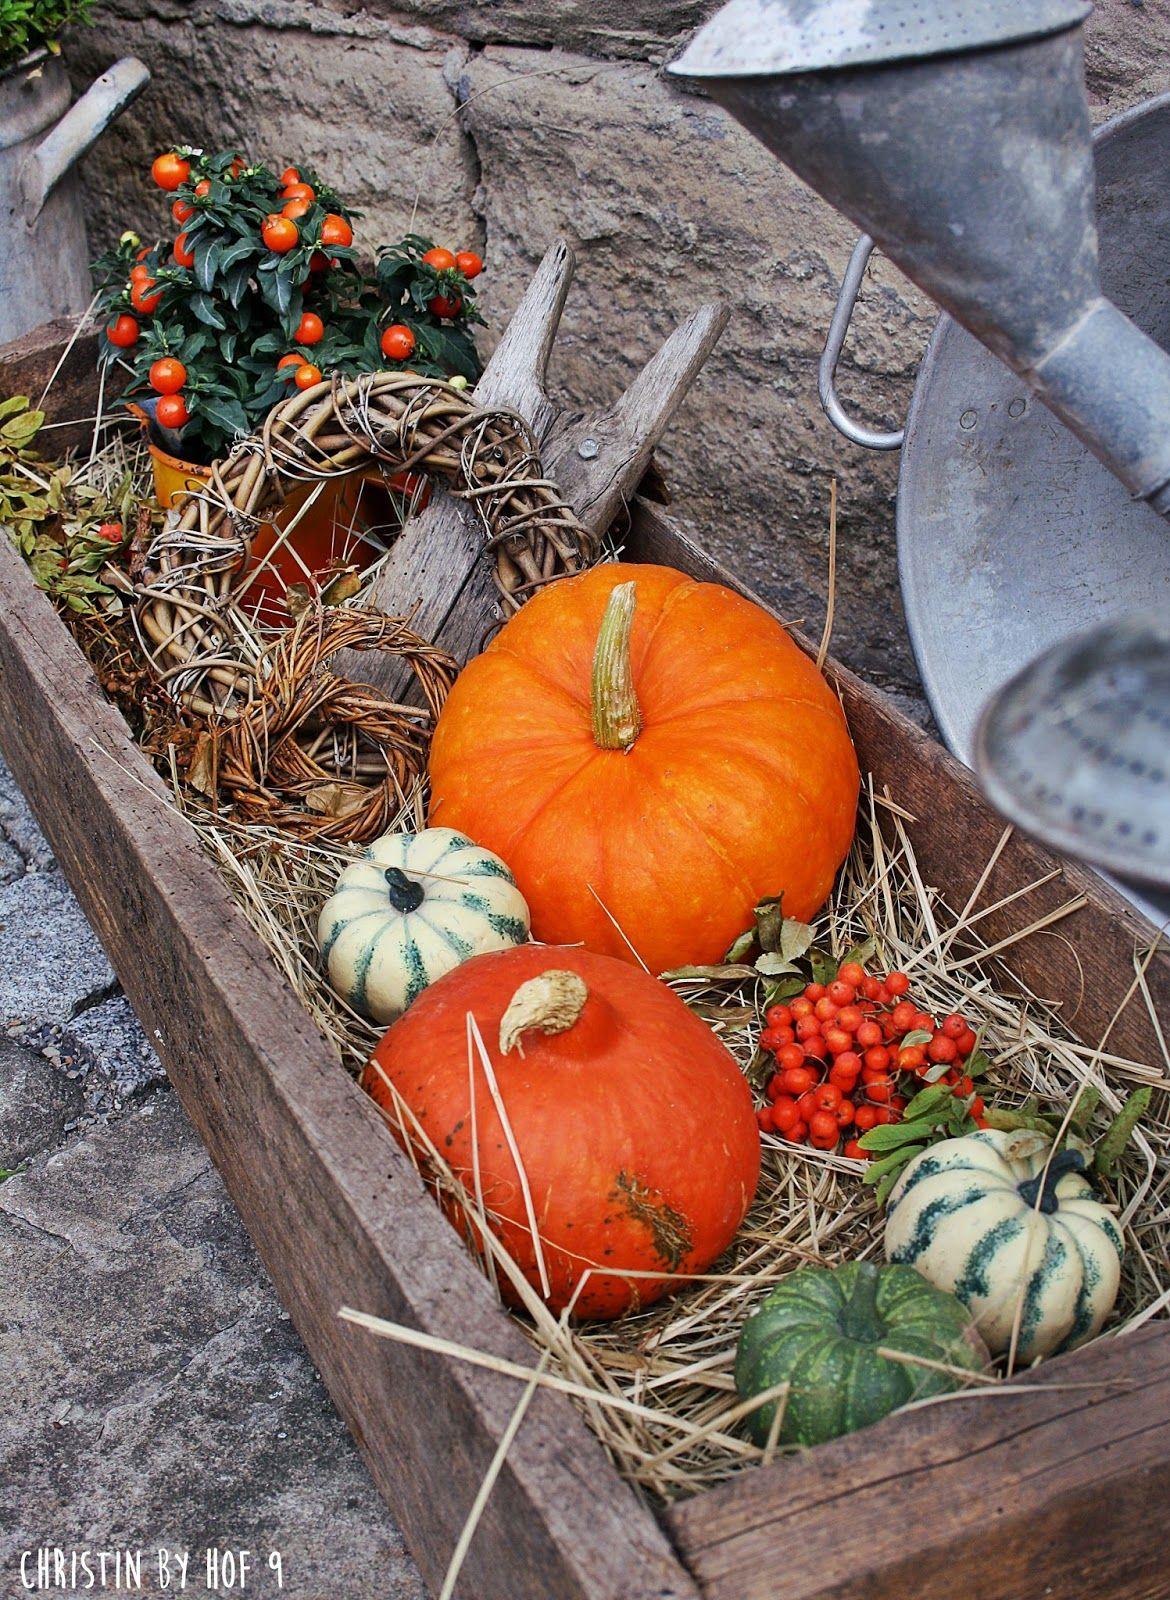 Dekoration Mit Kurbis Eberesche Herbstkranz Herbstdeko Aussendekoration Im Herbst Herbst Dekoration Geschenk Garten Aussendekoration